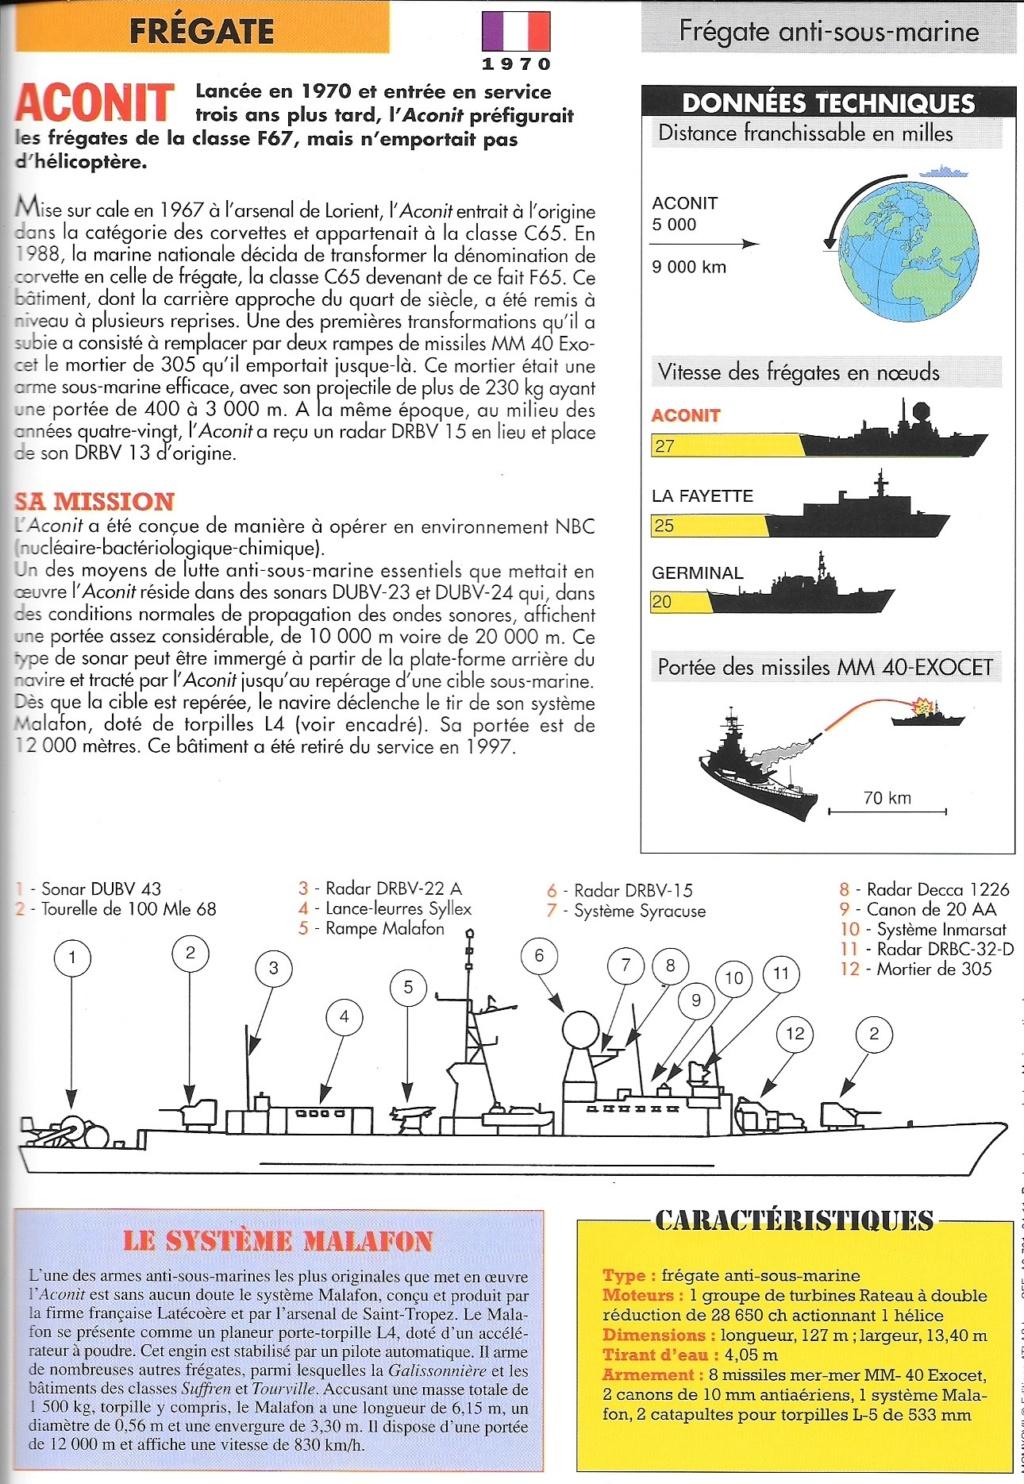 Gand, chantier de démolition naval international ? - Page 5 Aconit14